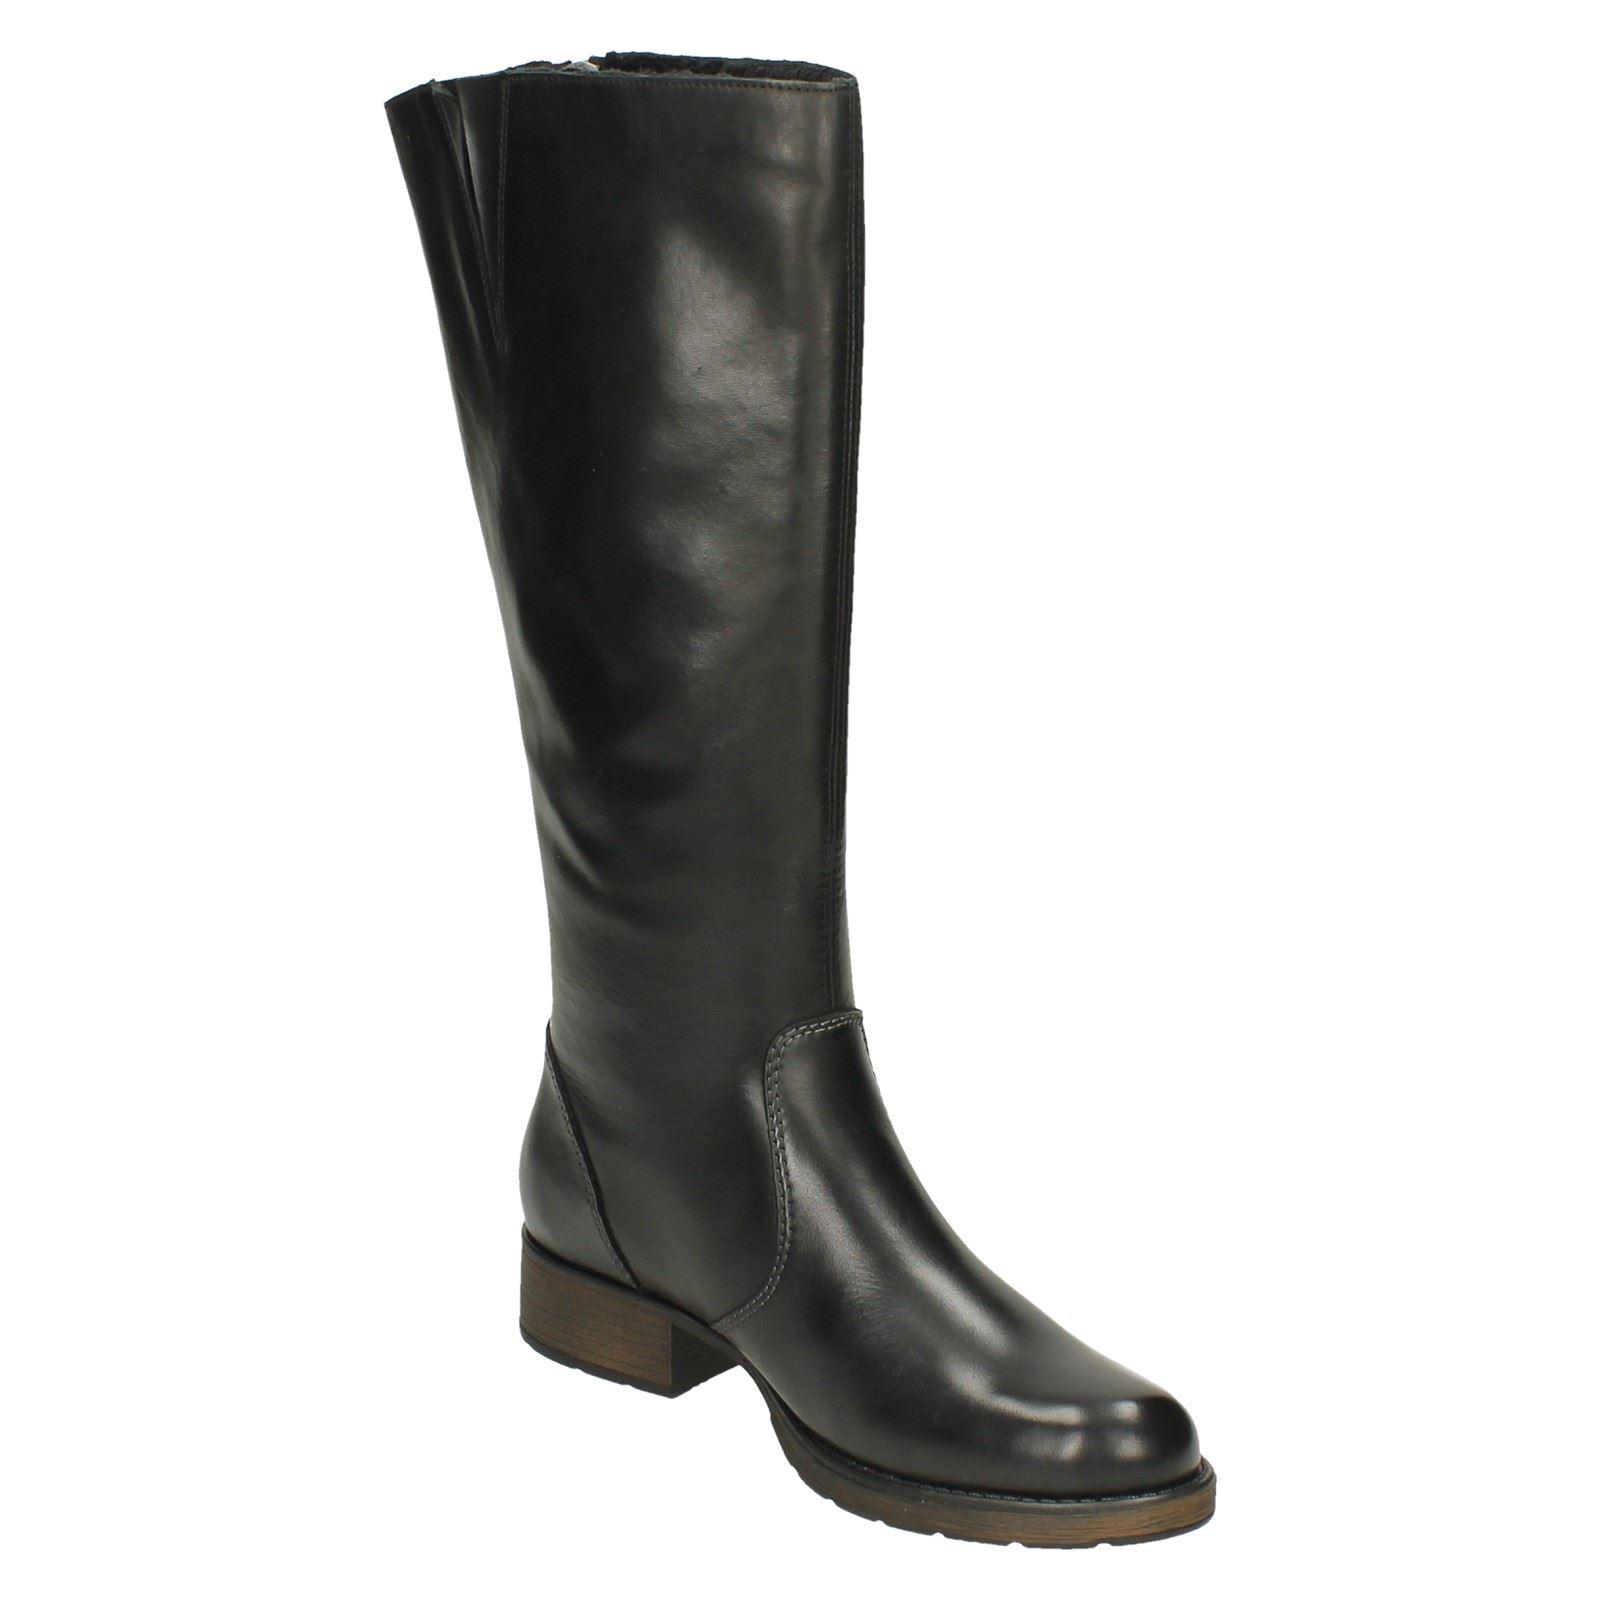 Femmes Rieker Trendy Trendy Trendy équitation Style Bottes Longues Z9581 | L'apparence élégante  63f1de